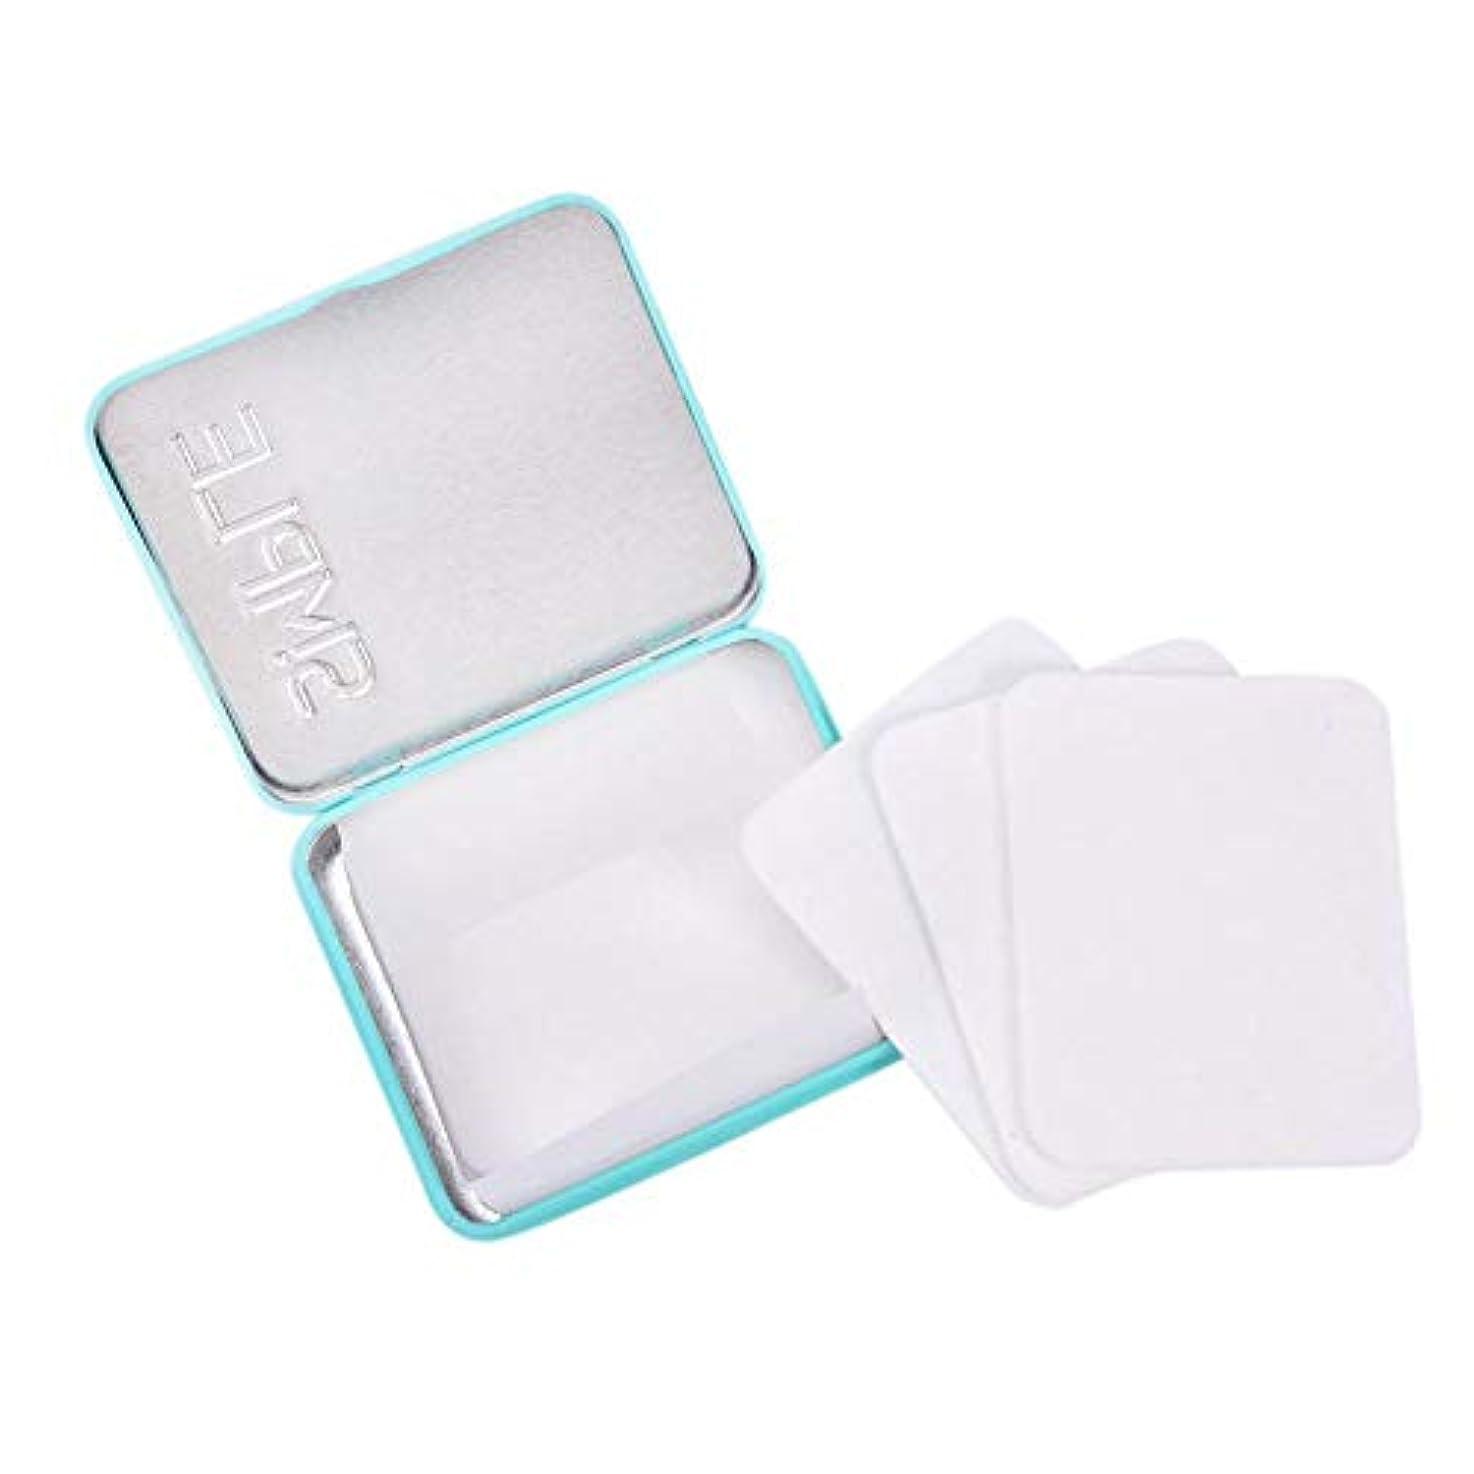 受け入れる繰り返した実行洗える化粧除去パッド 10個入りソフトクリーニングコットンラウンド化粧品洗顔料クリーニングコットンパッド 化粧道具